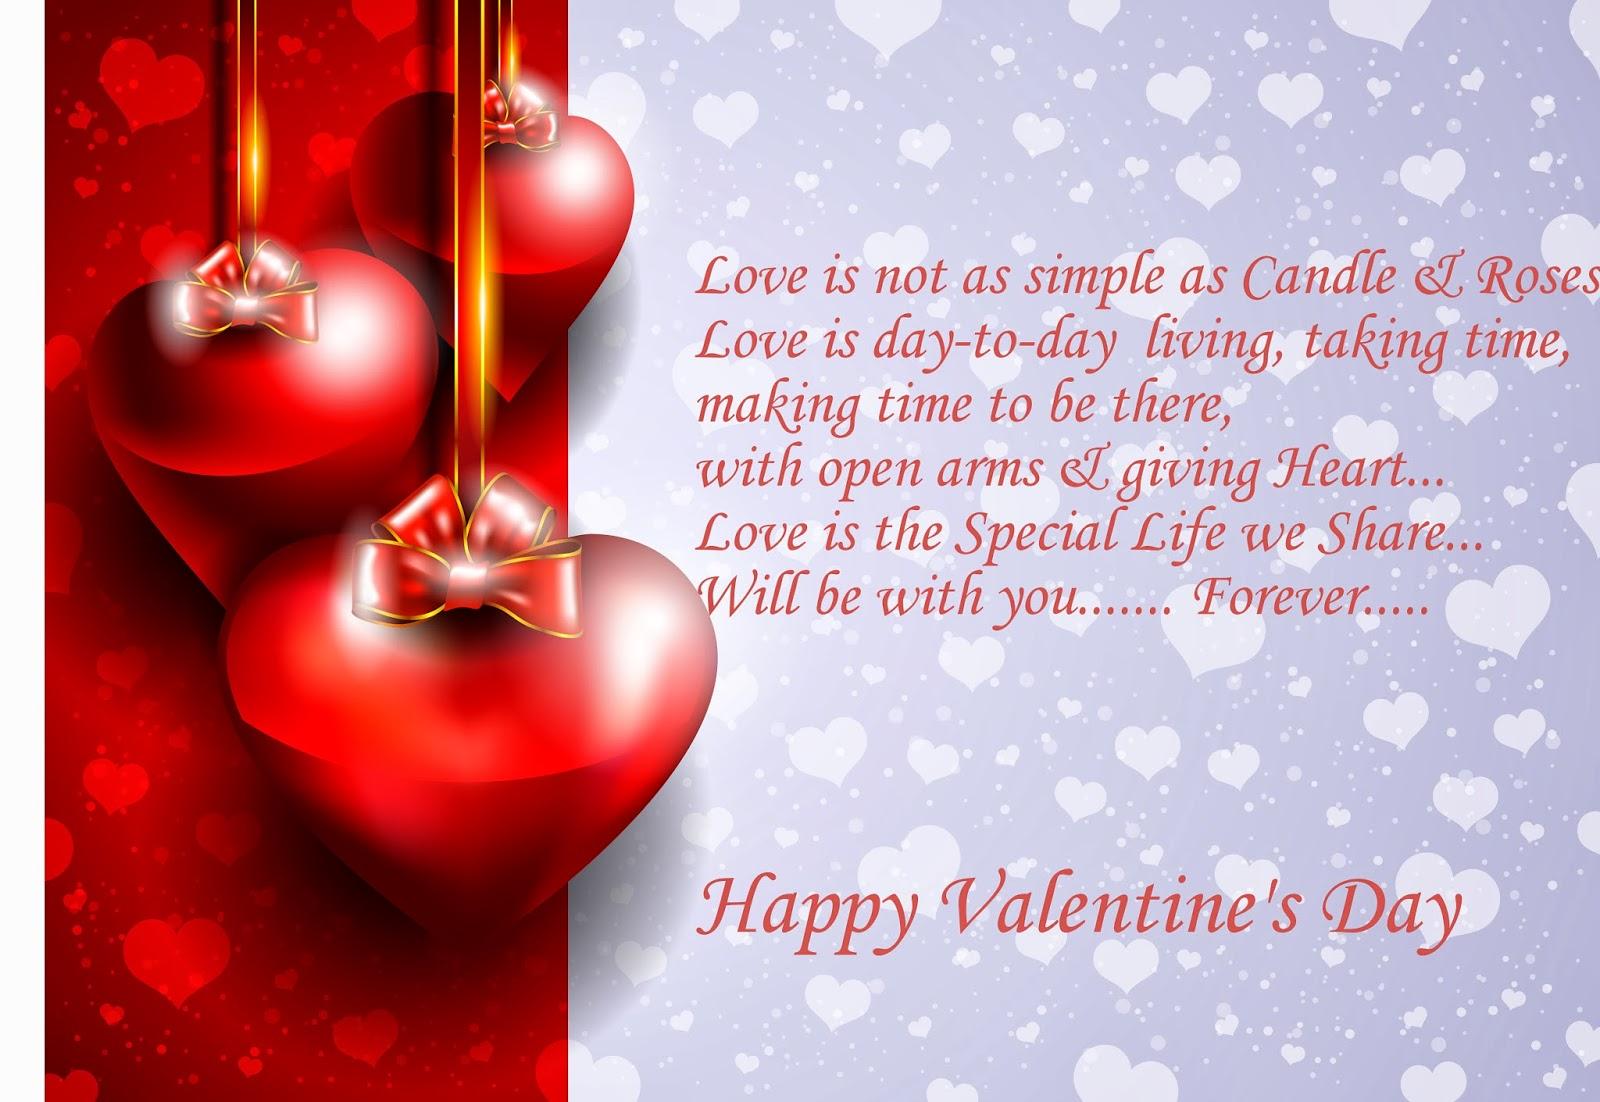 ImagesList.com: Romantic Valentines Quotes, 5